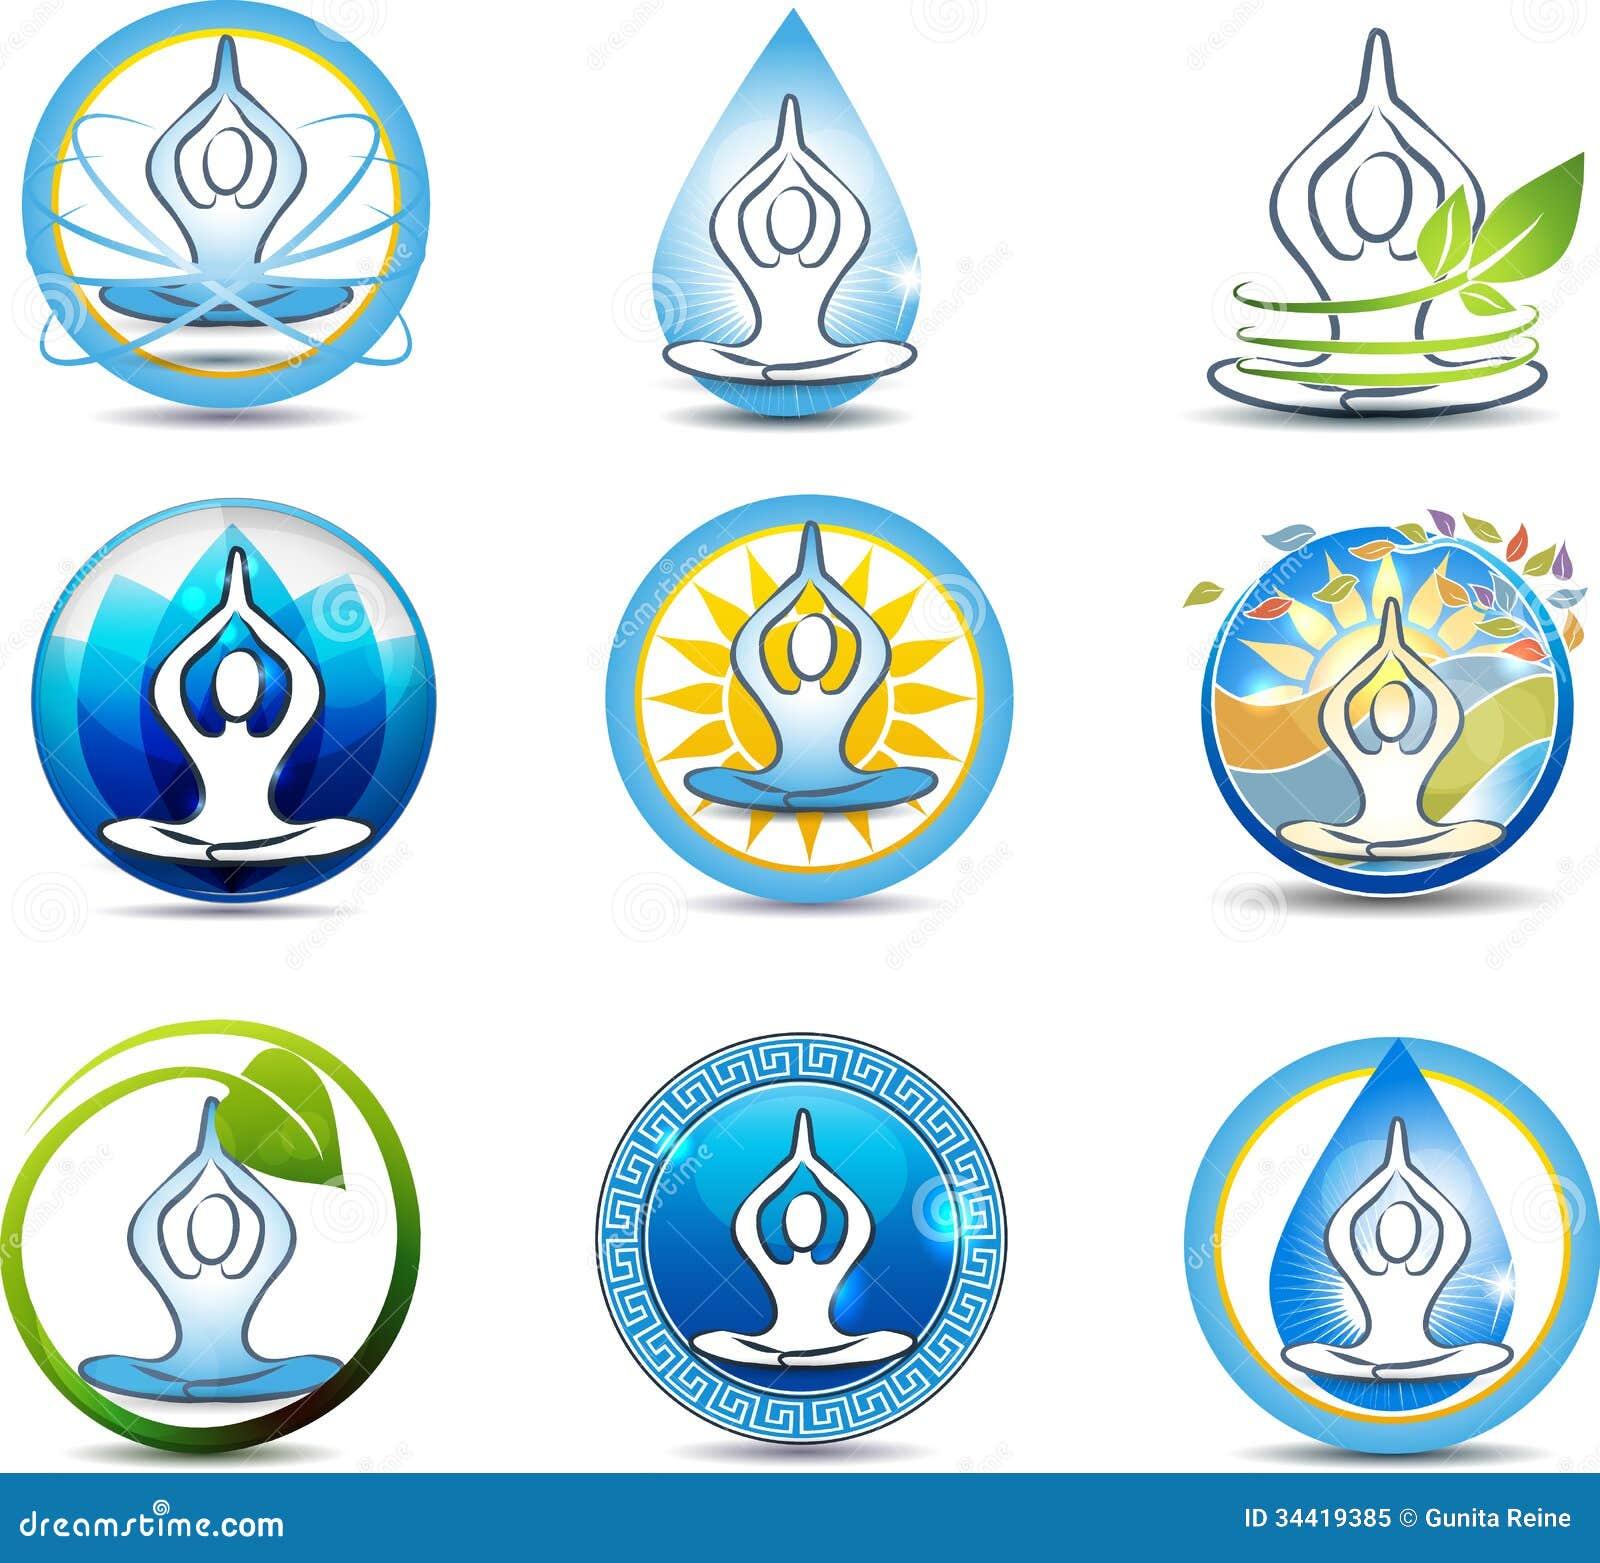 Yoga Royalty Free Stock Photo Image 34419385